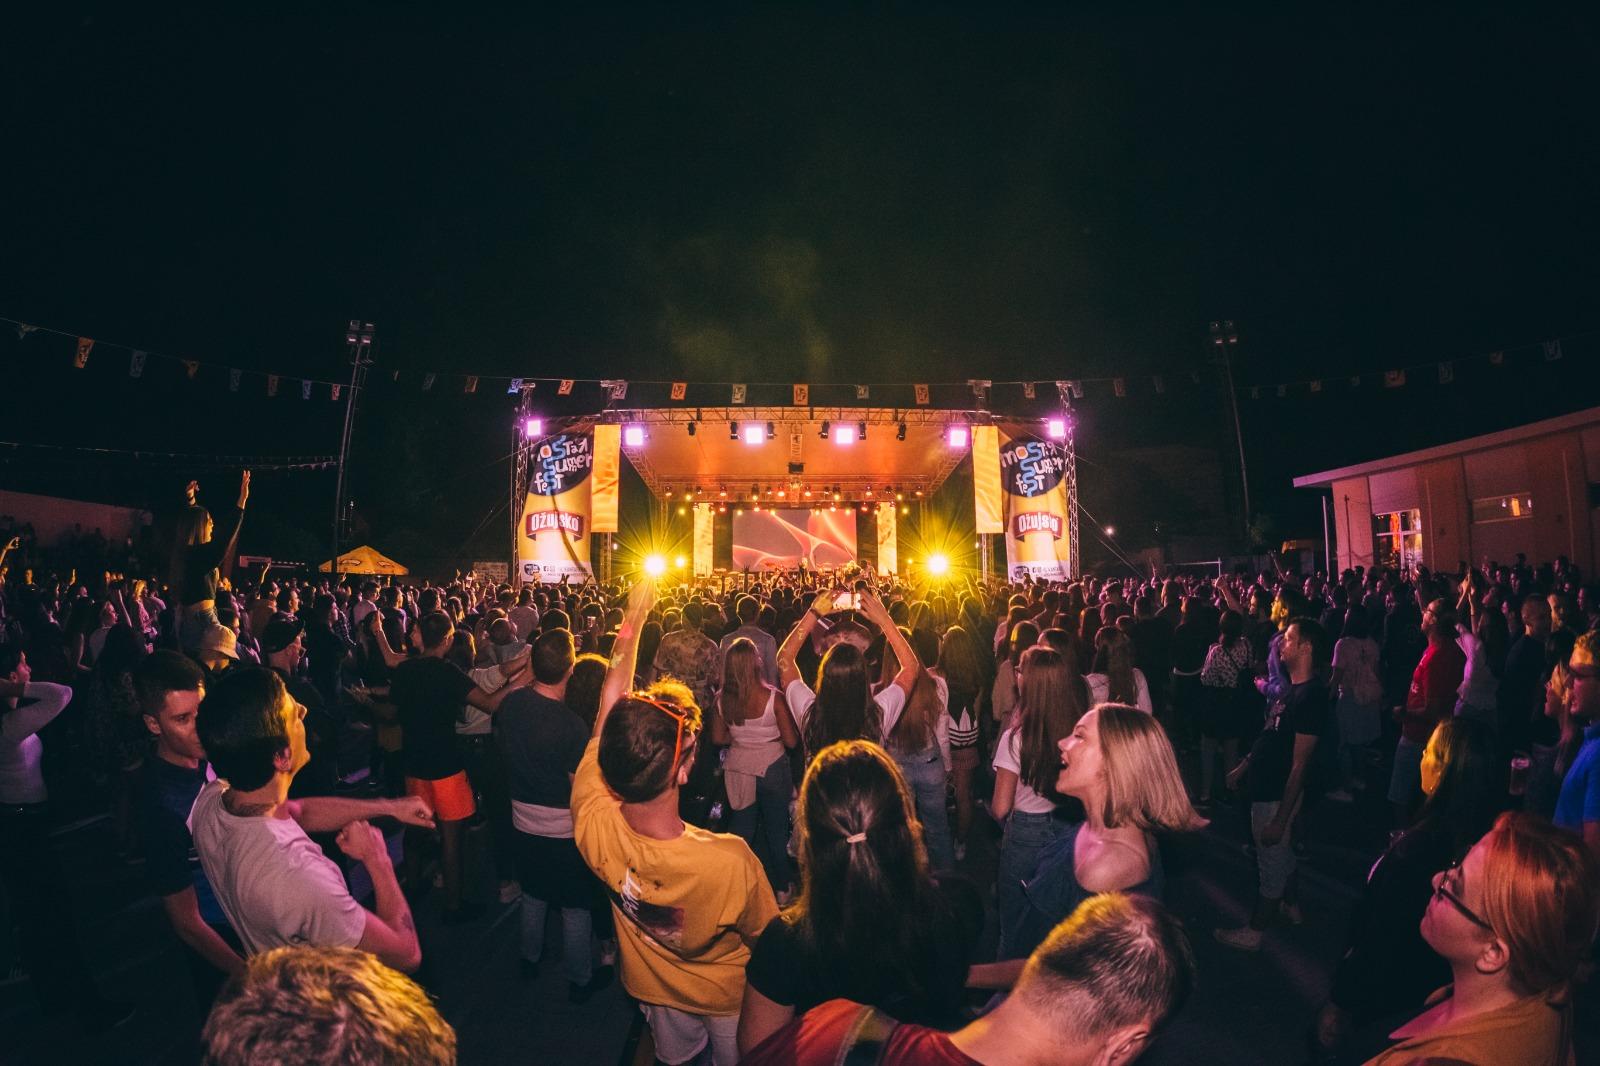 Druga je večer Mostar Summer Festa potvrdila da sloboda i ljubav stanuju tu